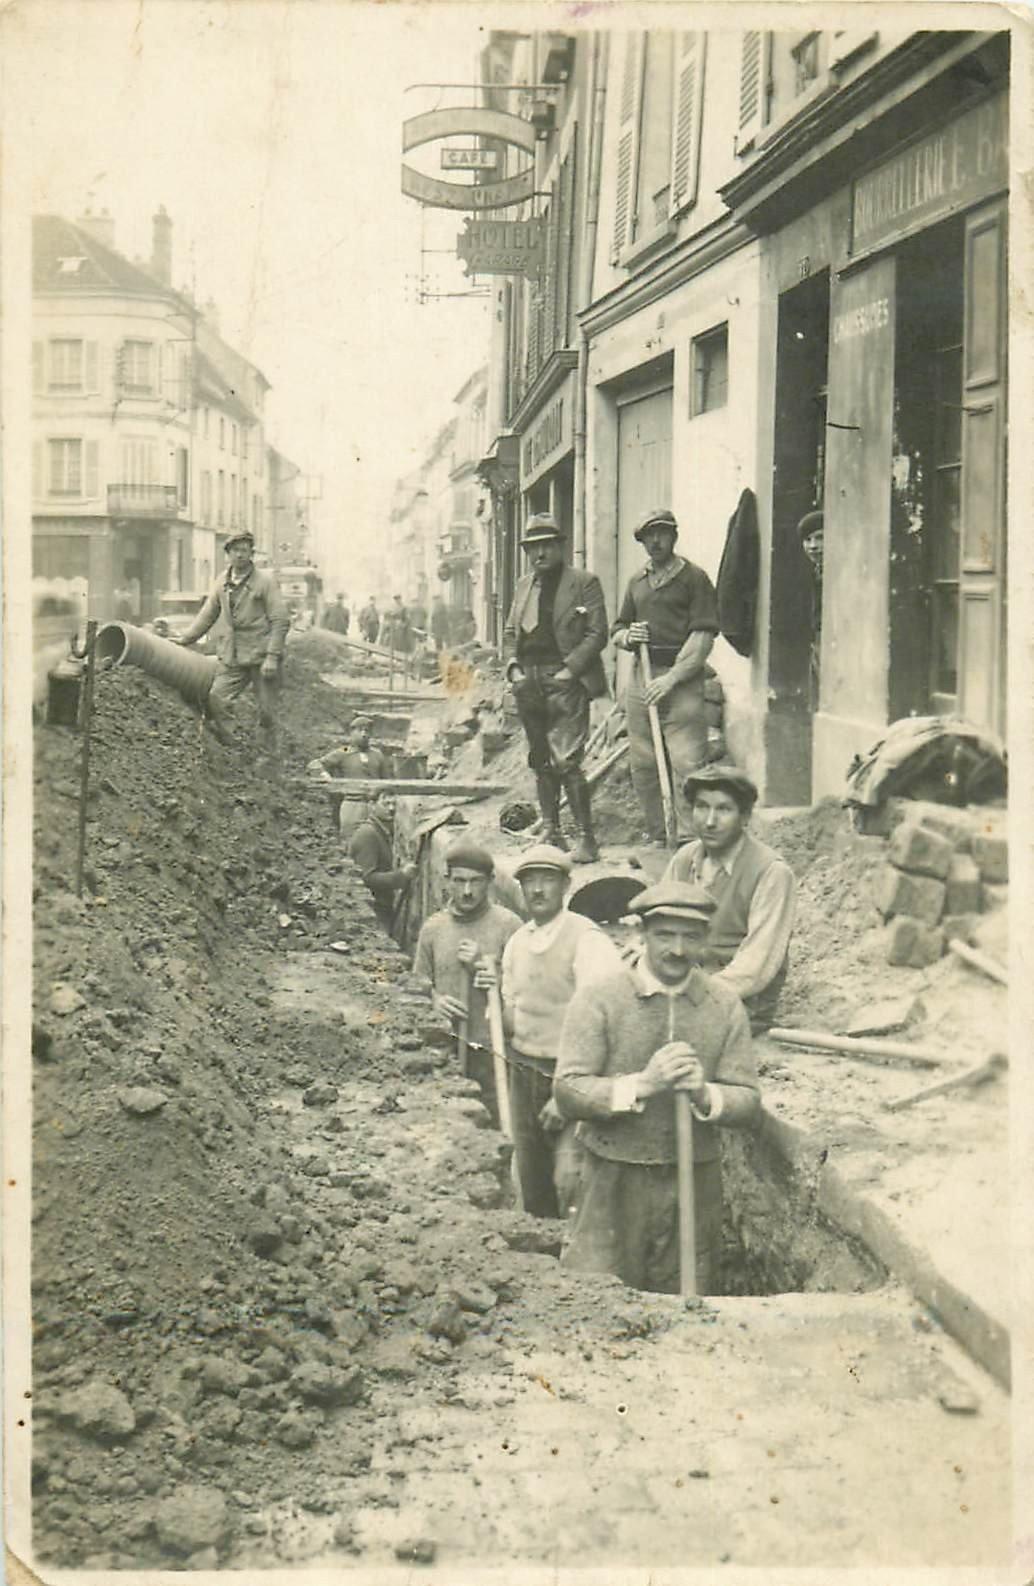 02 CHARLY SUR MARNE. Ouvriers Terrassiers creusant pour pose de canalisations. Rare Photo Carte Postale